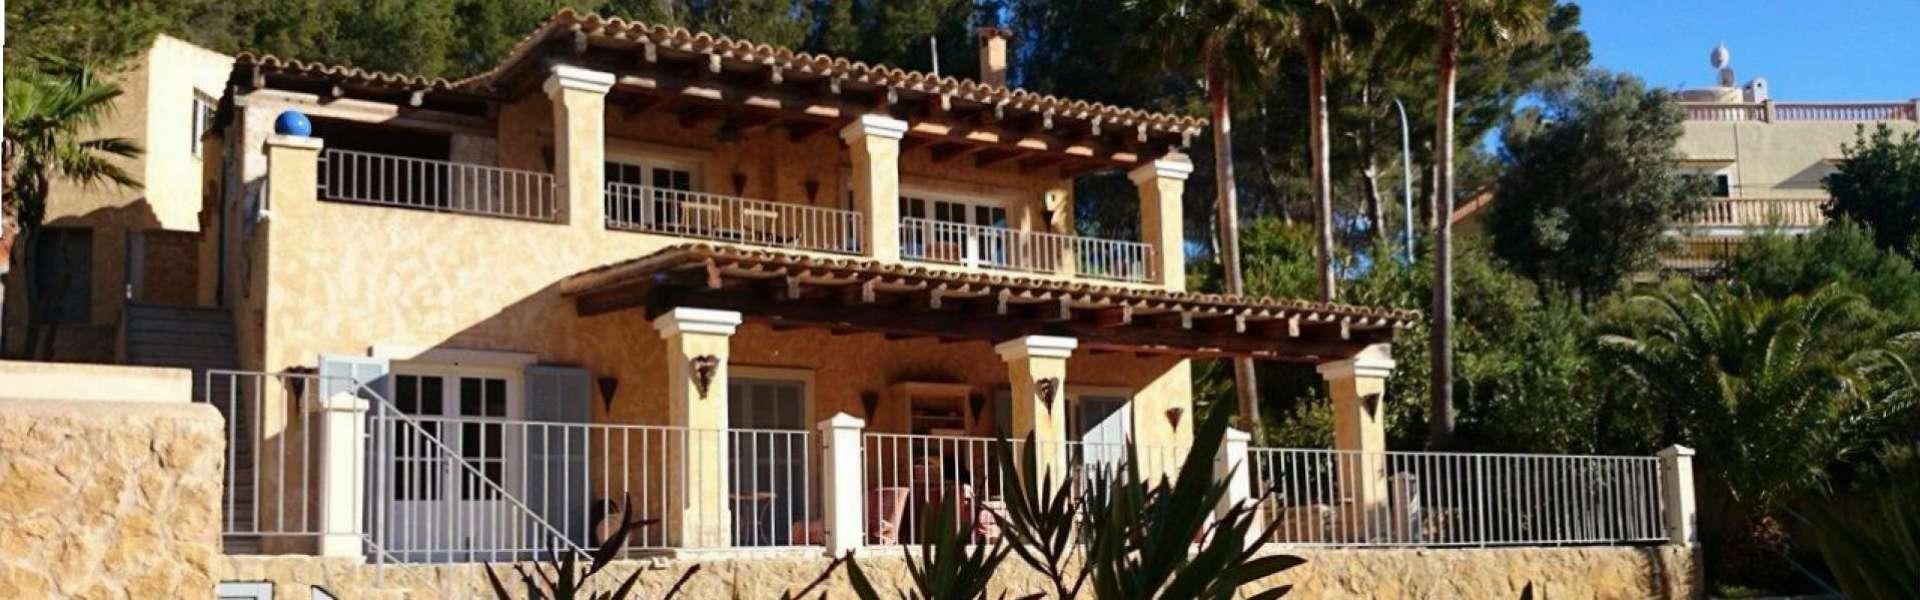 Costa de la Calma - Fincastil Villa mit Meerblick und Strandzugang